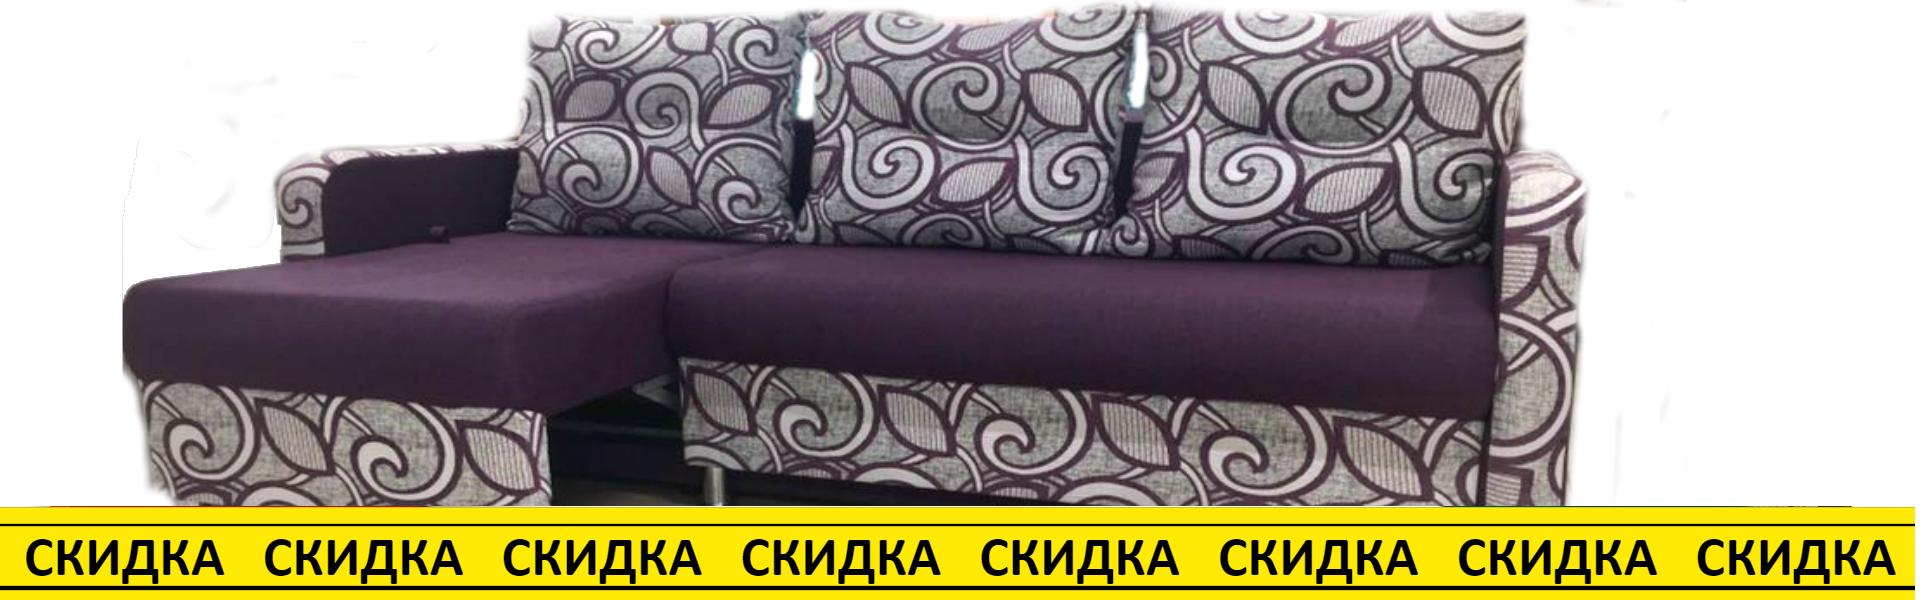 Угловые диваны со скидкой 25% за 23900 руб.